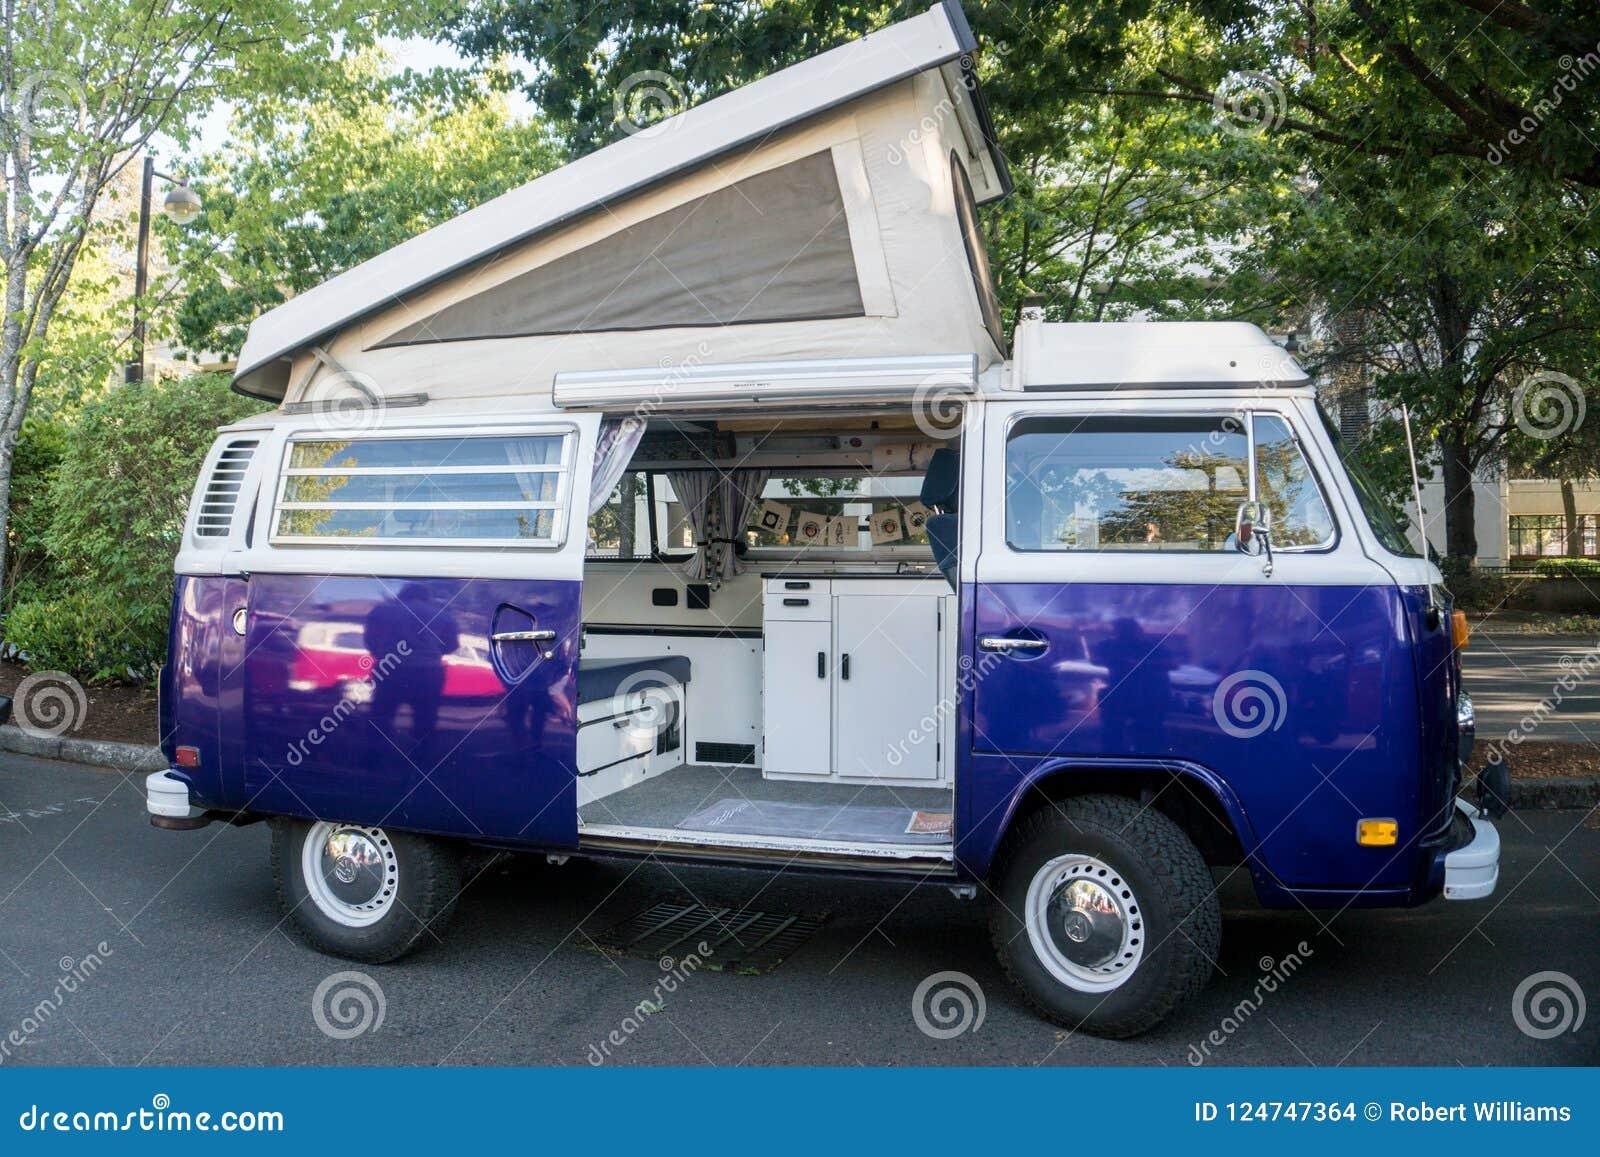 volkswagen bus camper van. editorial stock image. image of travel